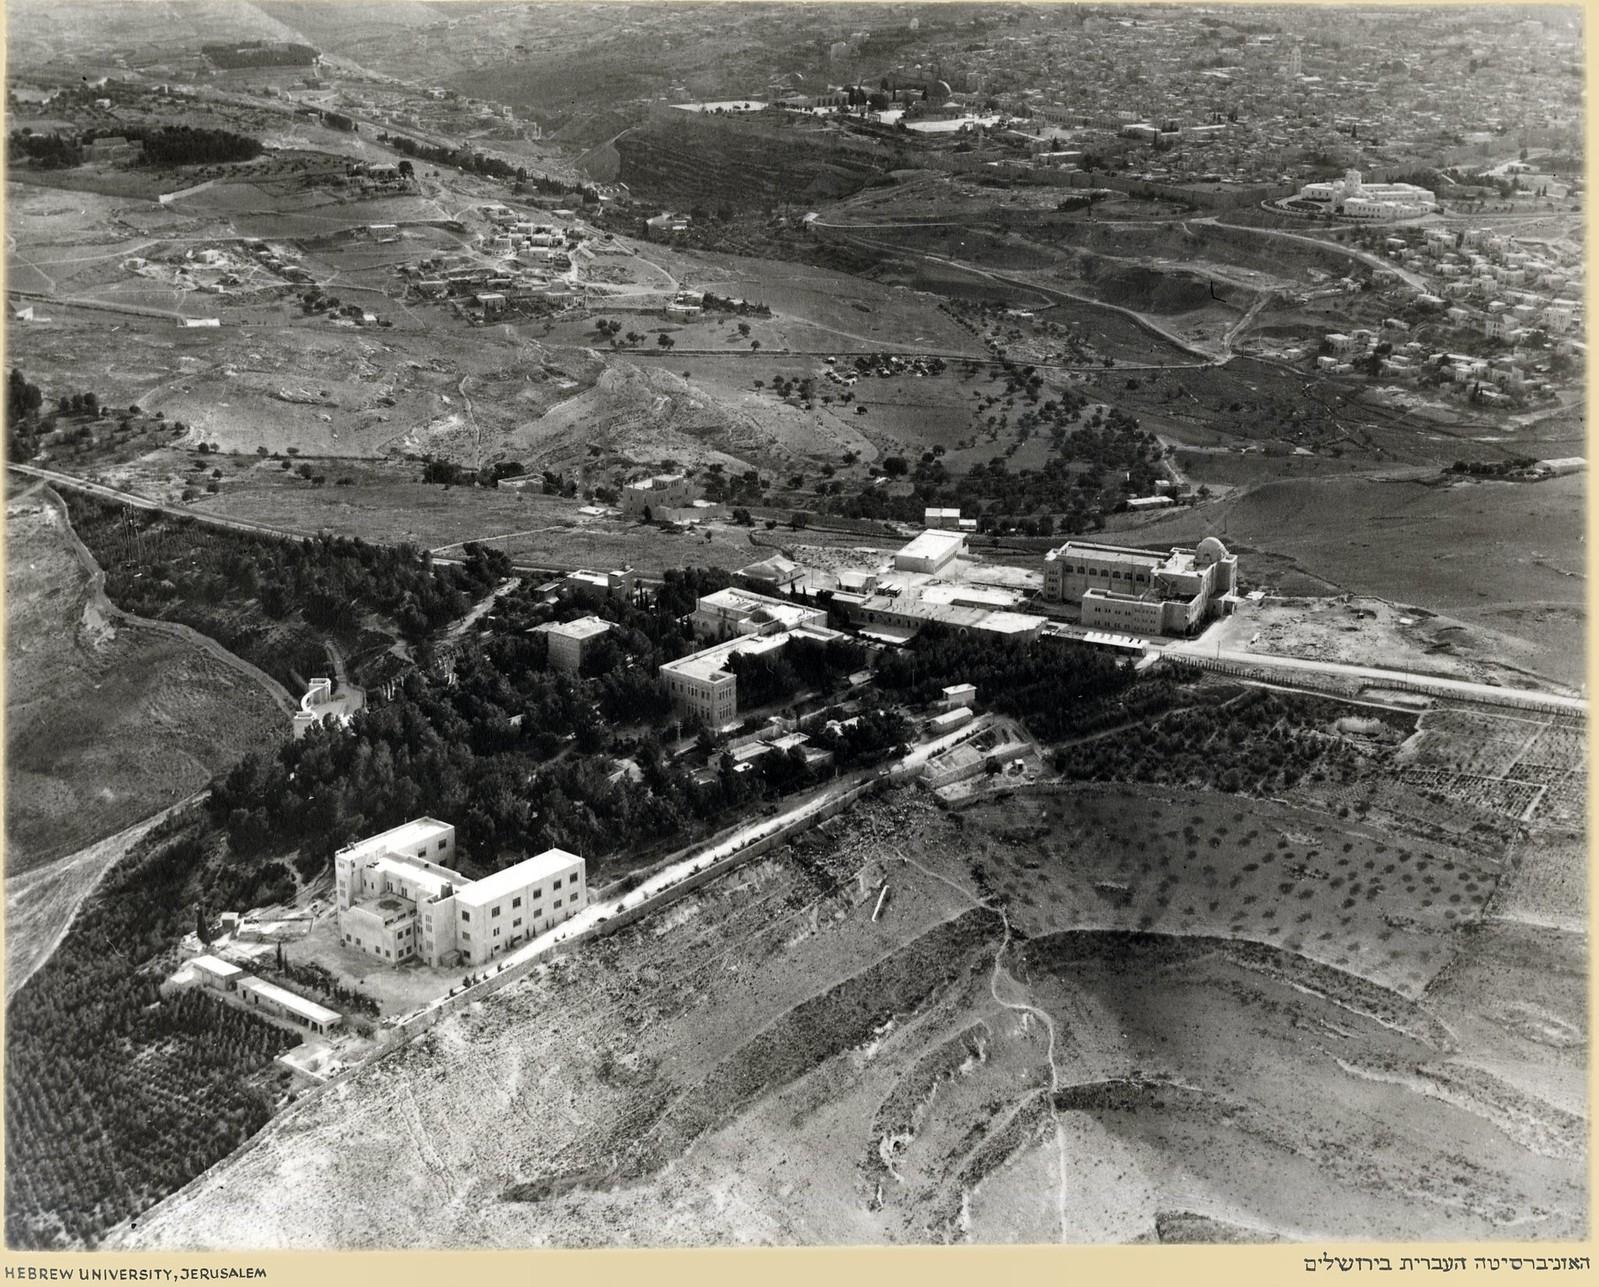 Иерусалим. Еврейский университет